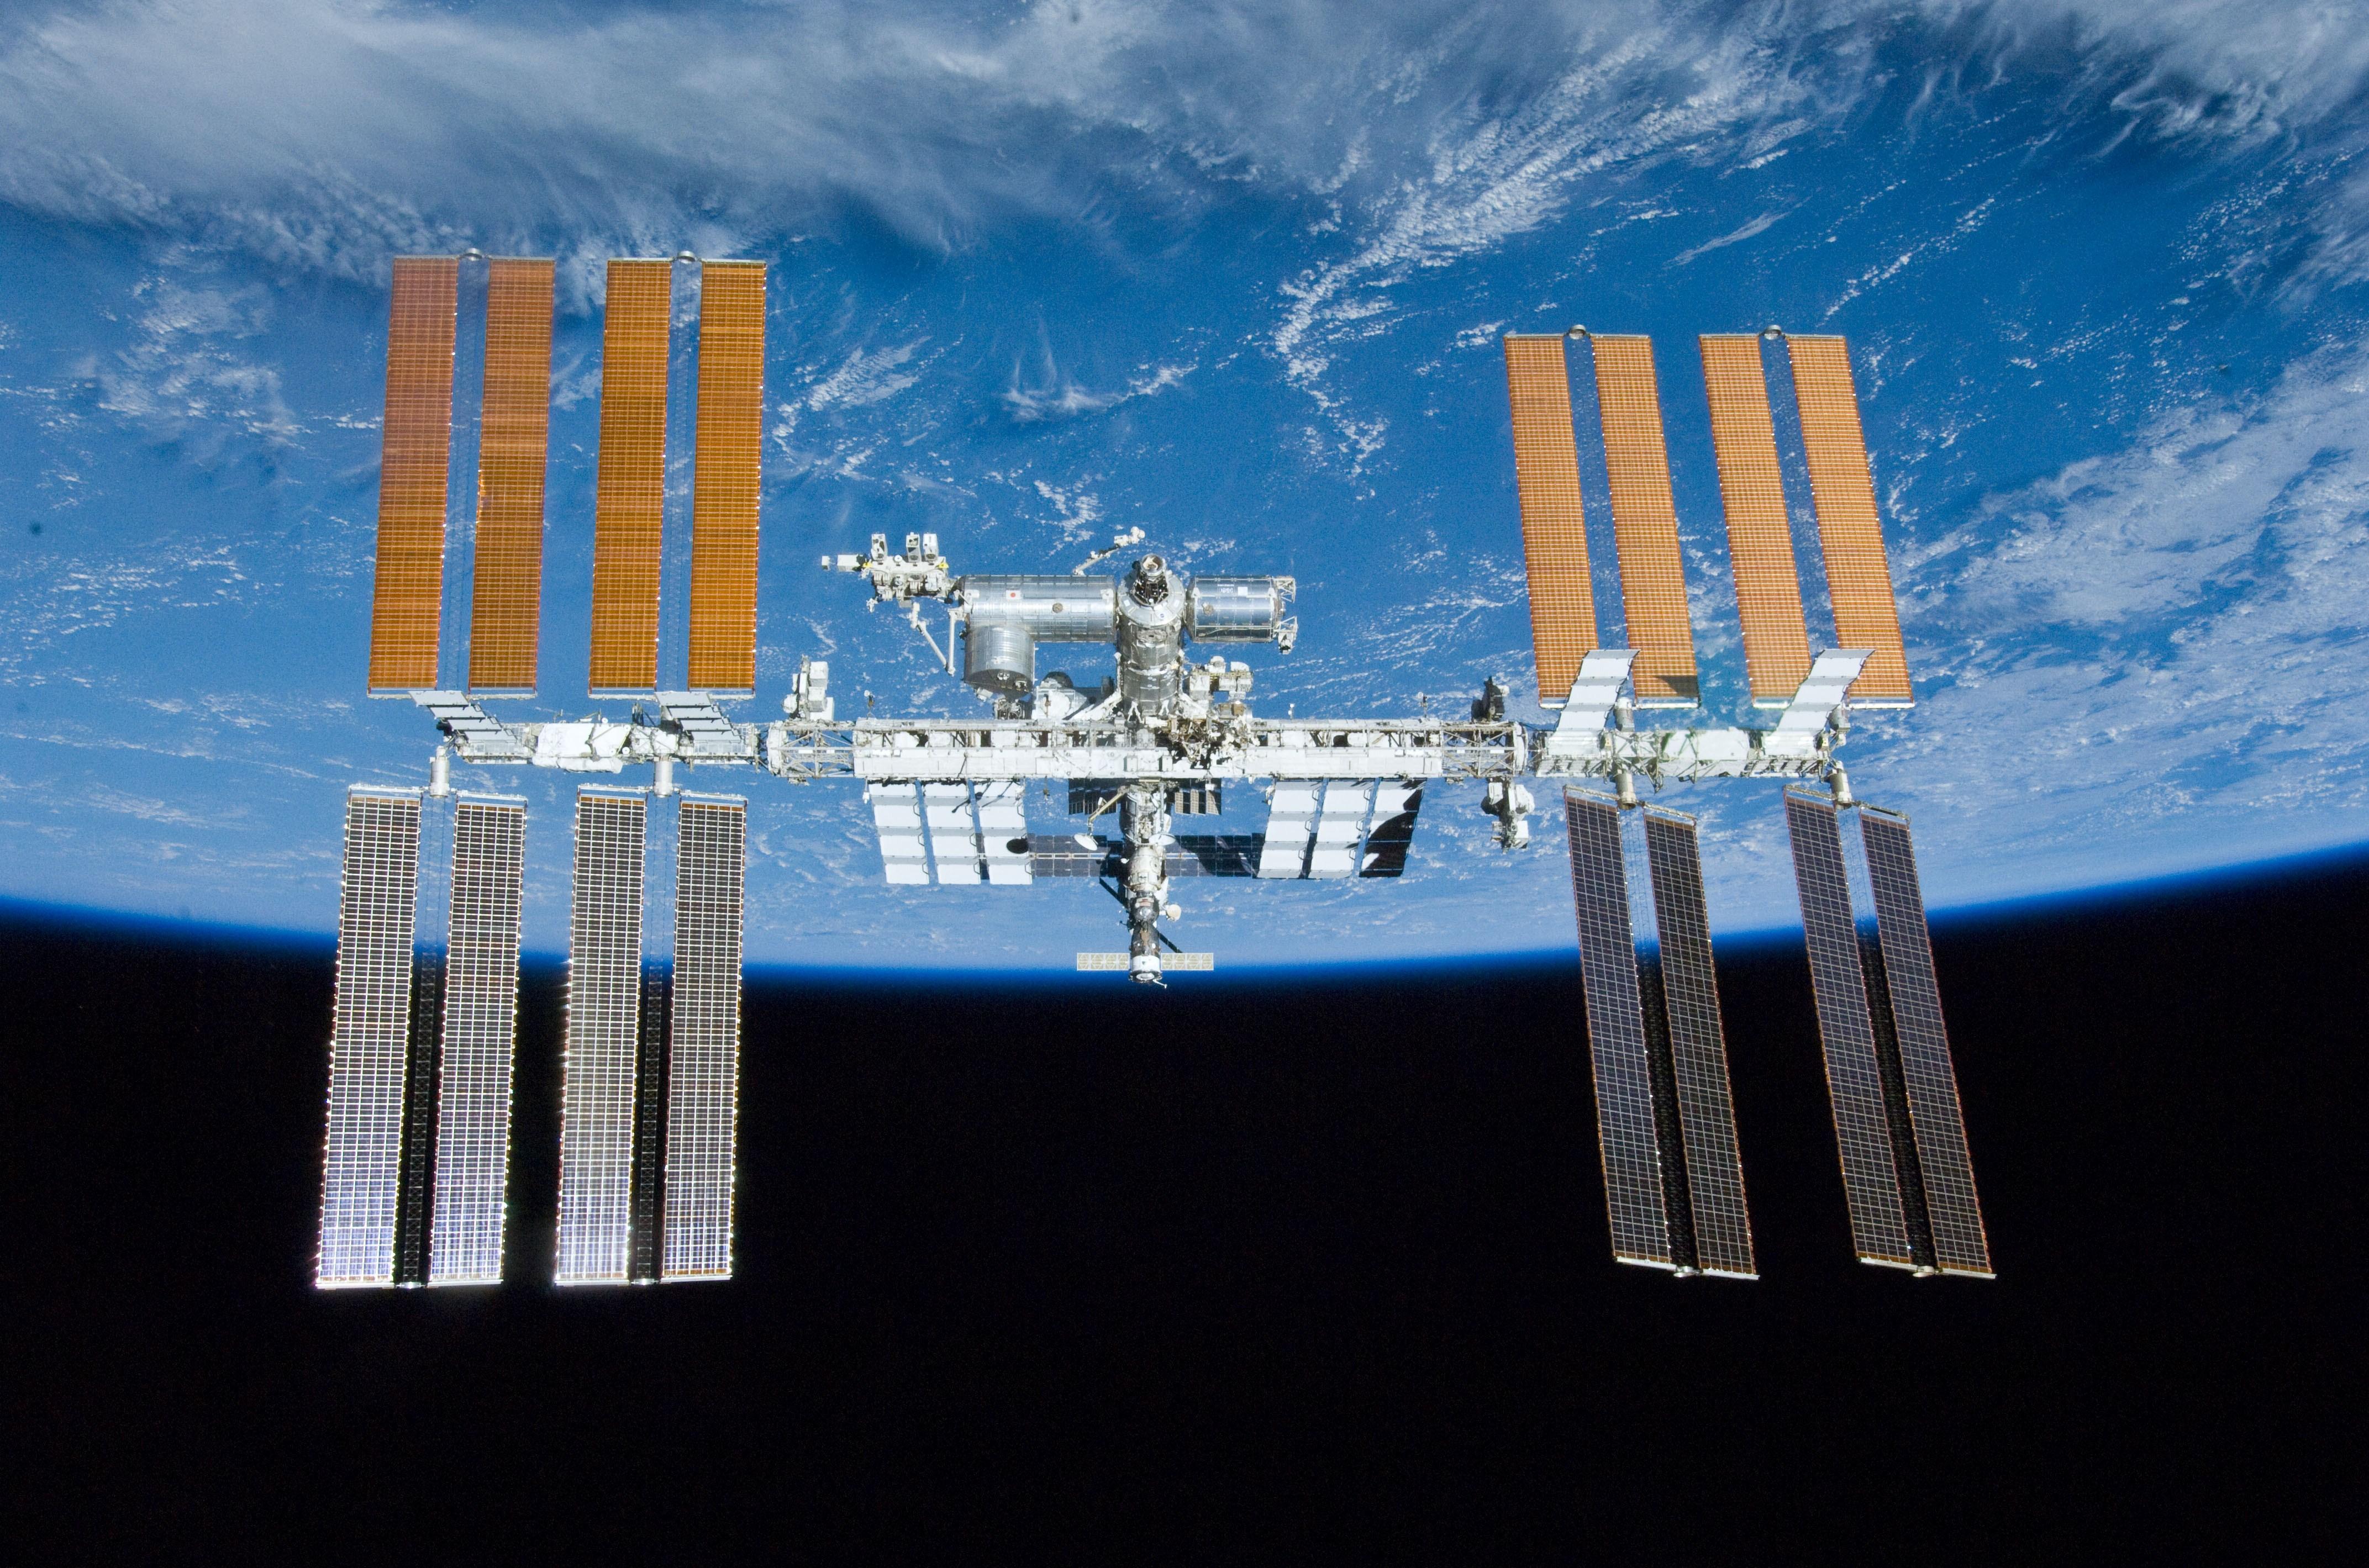 AleaSoft - Estacion Espacial Internacional placas fotovoltaicas